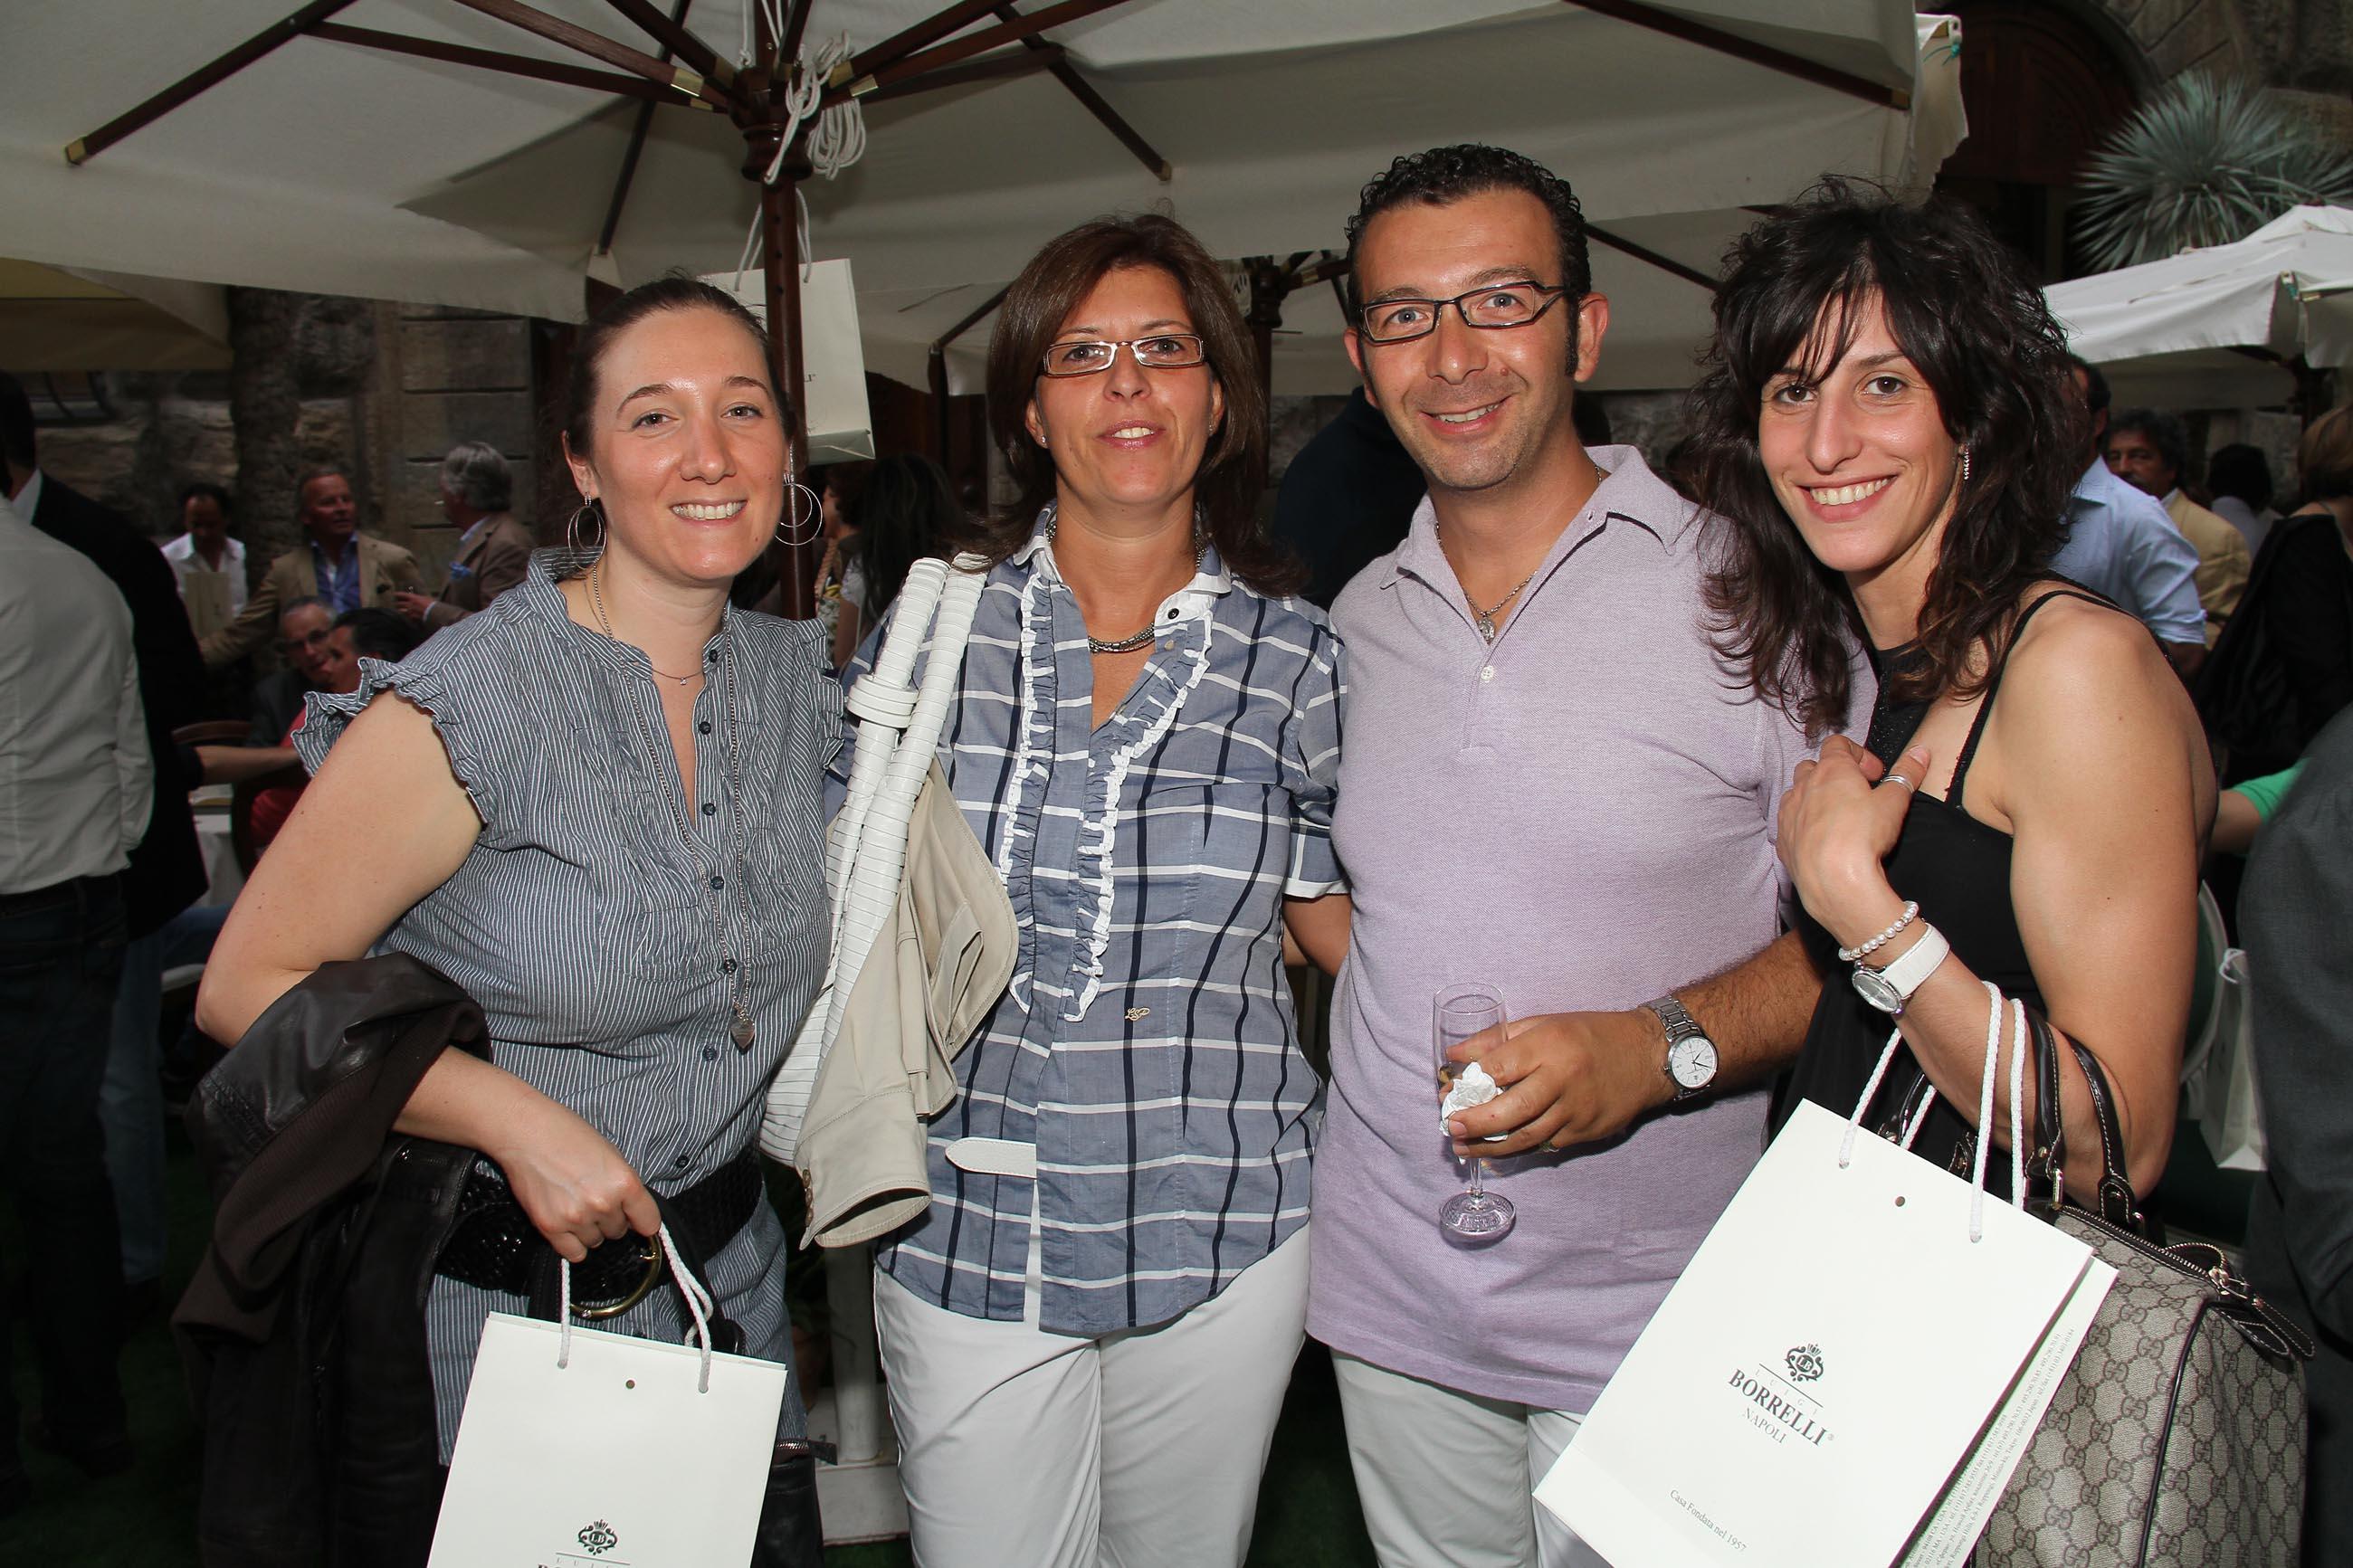 PRESSPHOTO Firenze, Evento Milord Aston Martin. Nella foto Pamela Corna, Silvia Fumagalli, Mino Forleo, Erica Lissoni